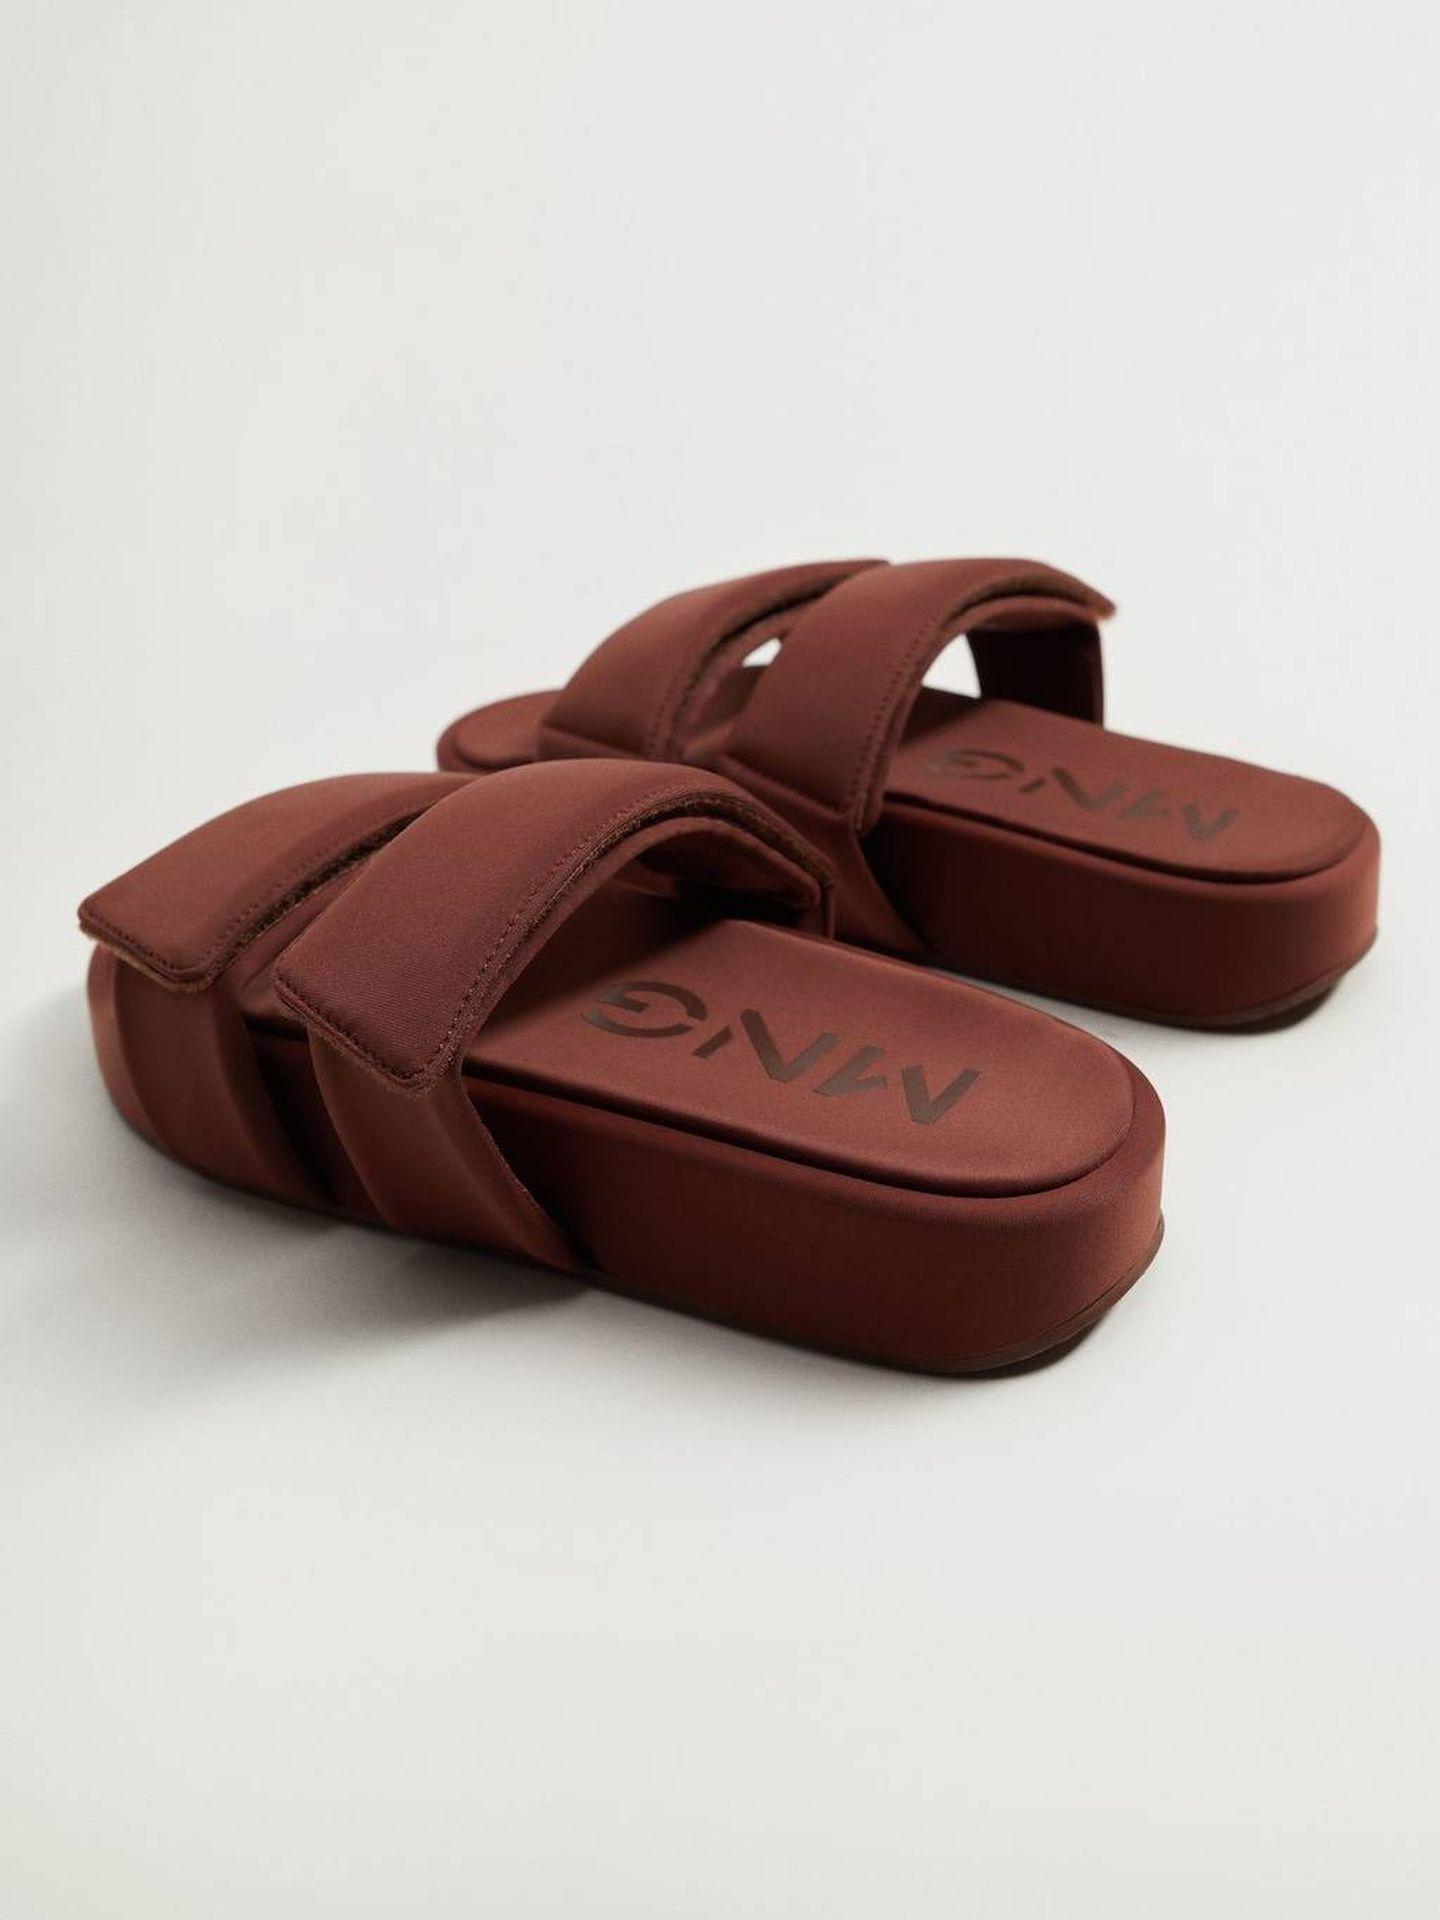 Las sandalias de Mango. (Cortesía)